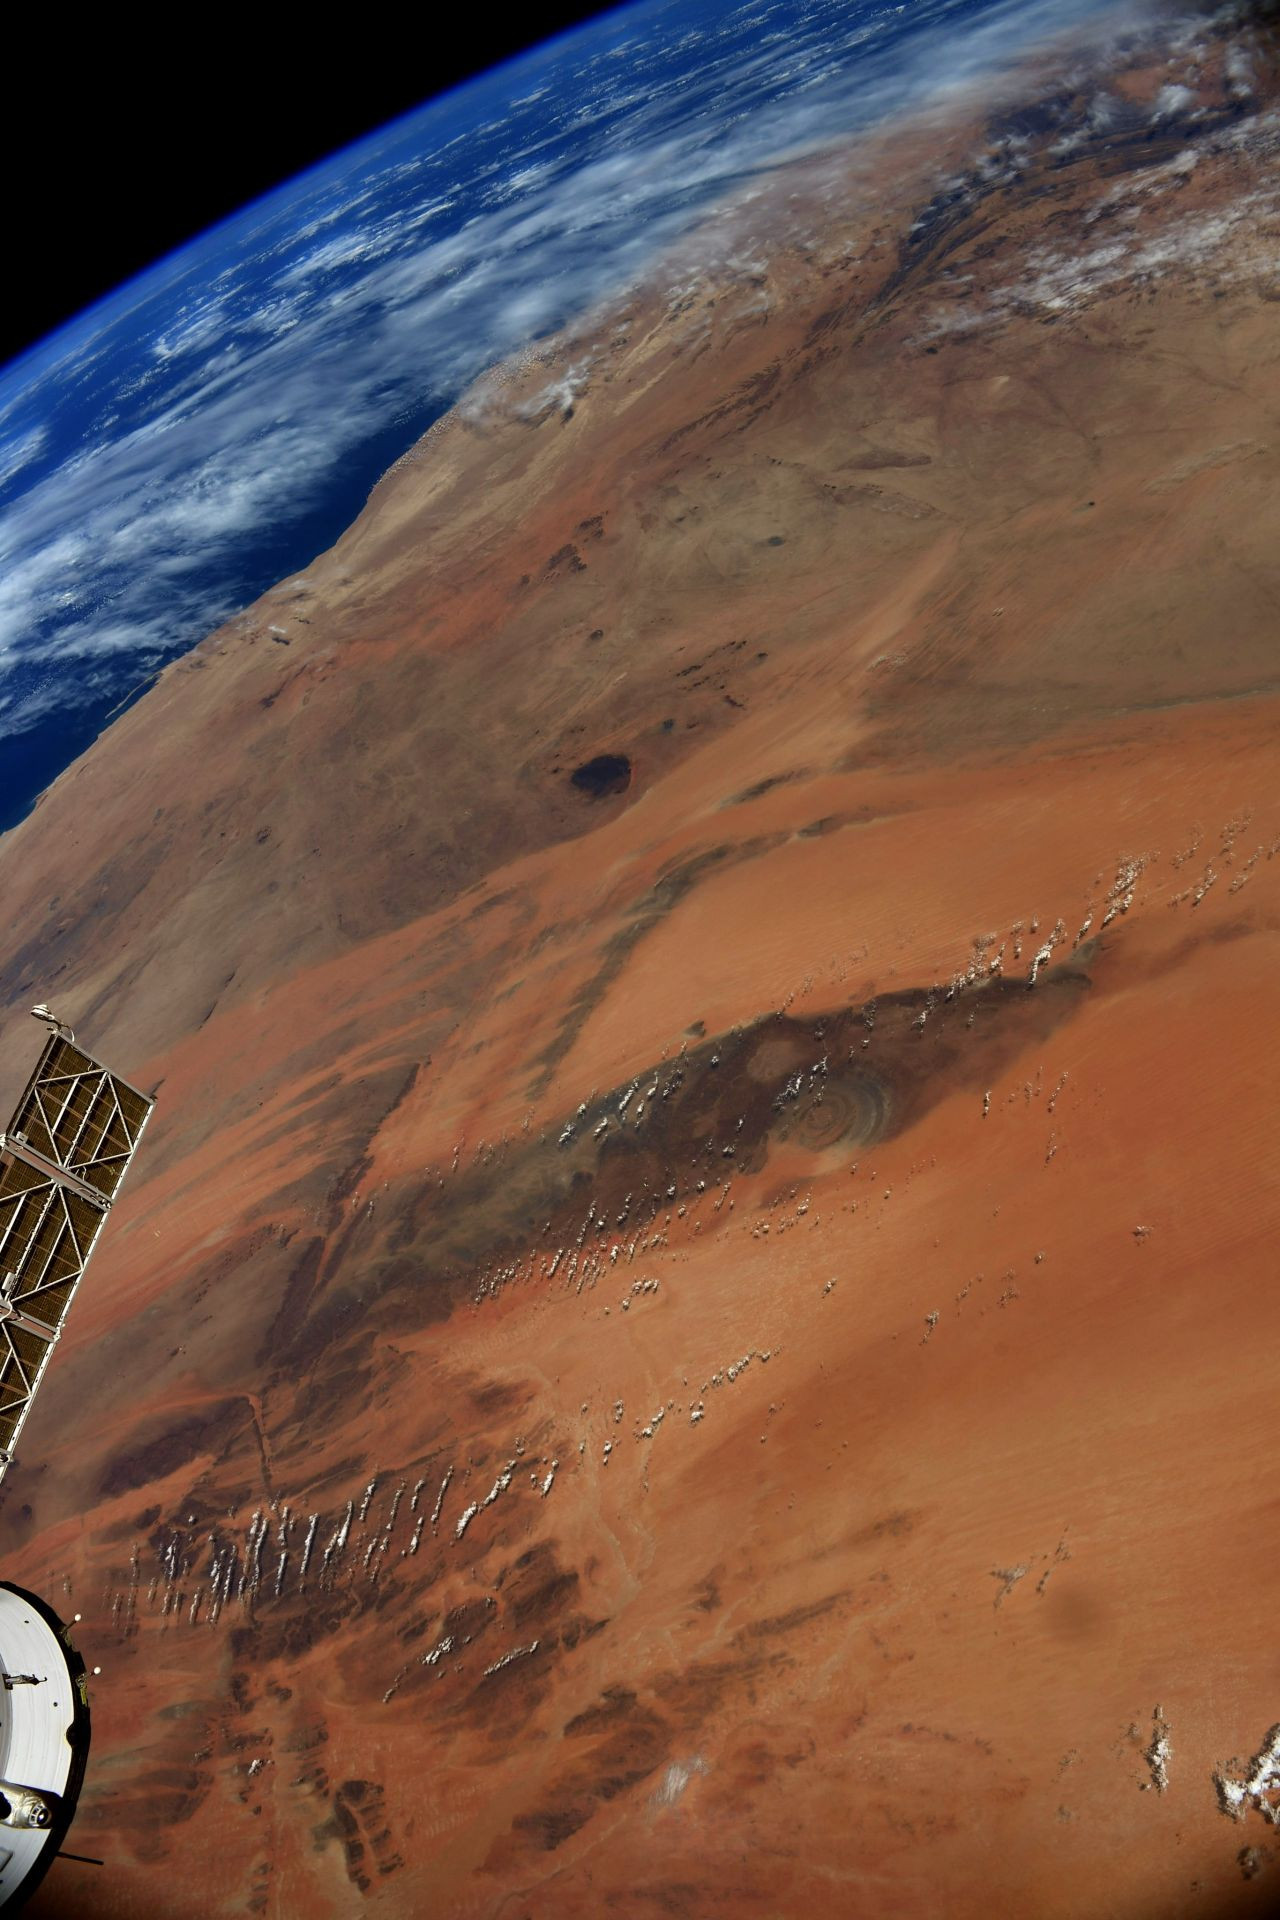 Uzaydan 'Sahra'nın Gözü' fotoğrafı - Sayfa 2